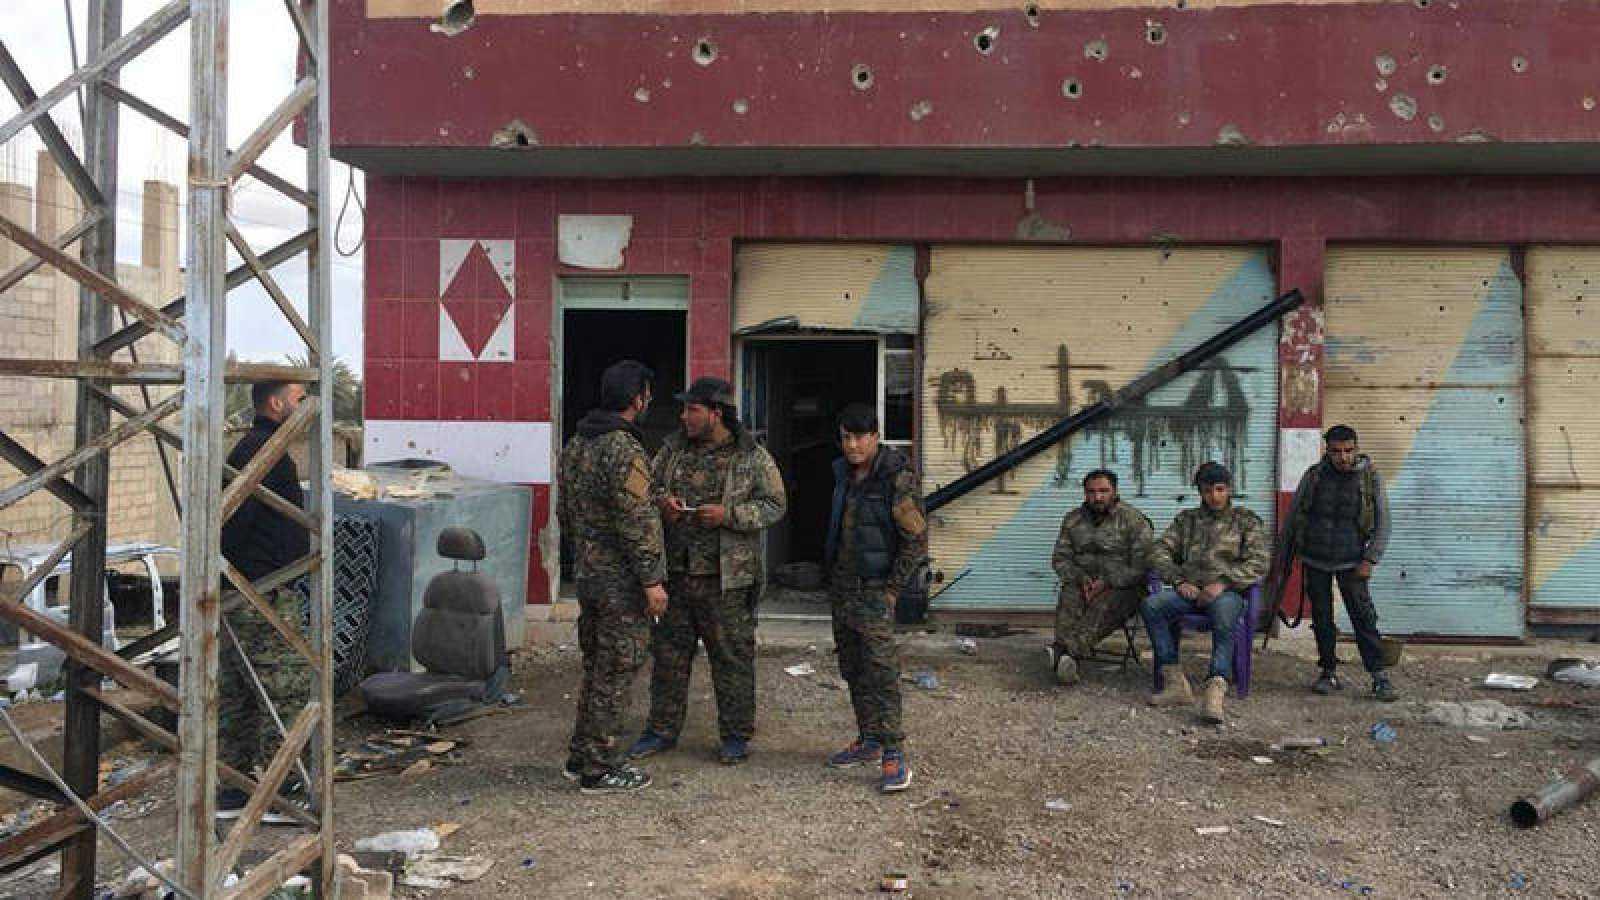 Miembros de las Fuerzas de Siria Democrática, una alianza armada liderada por kurdos, en un puesto de seguridad en la población de Al Baguz, el último reducto del grupo yihadista Estado Islámico en Siria.